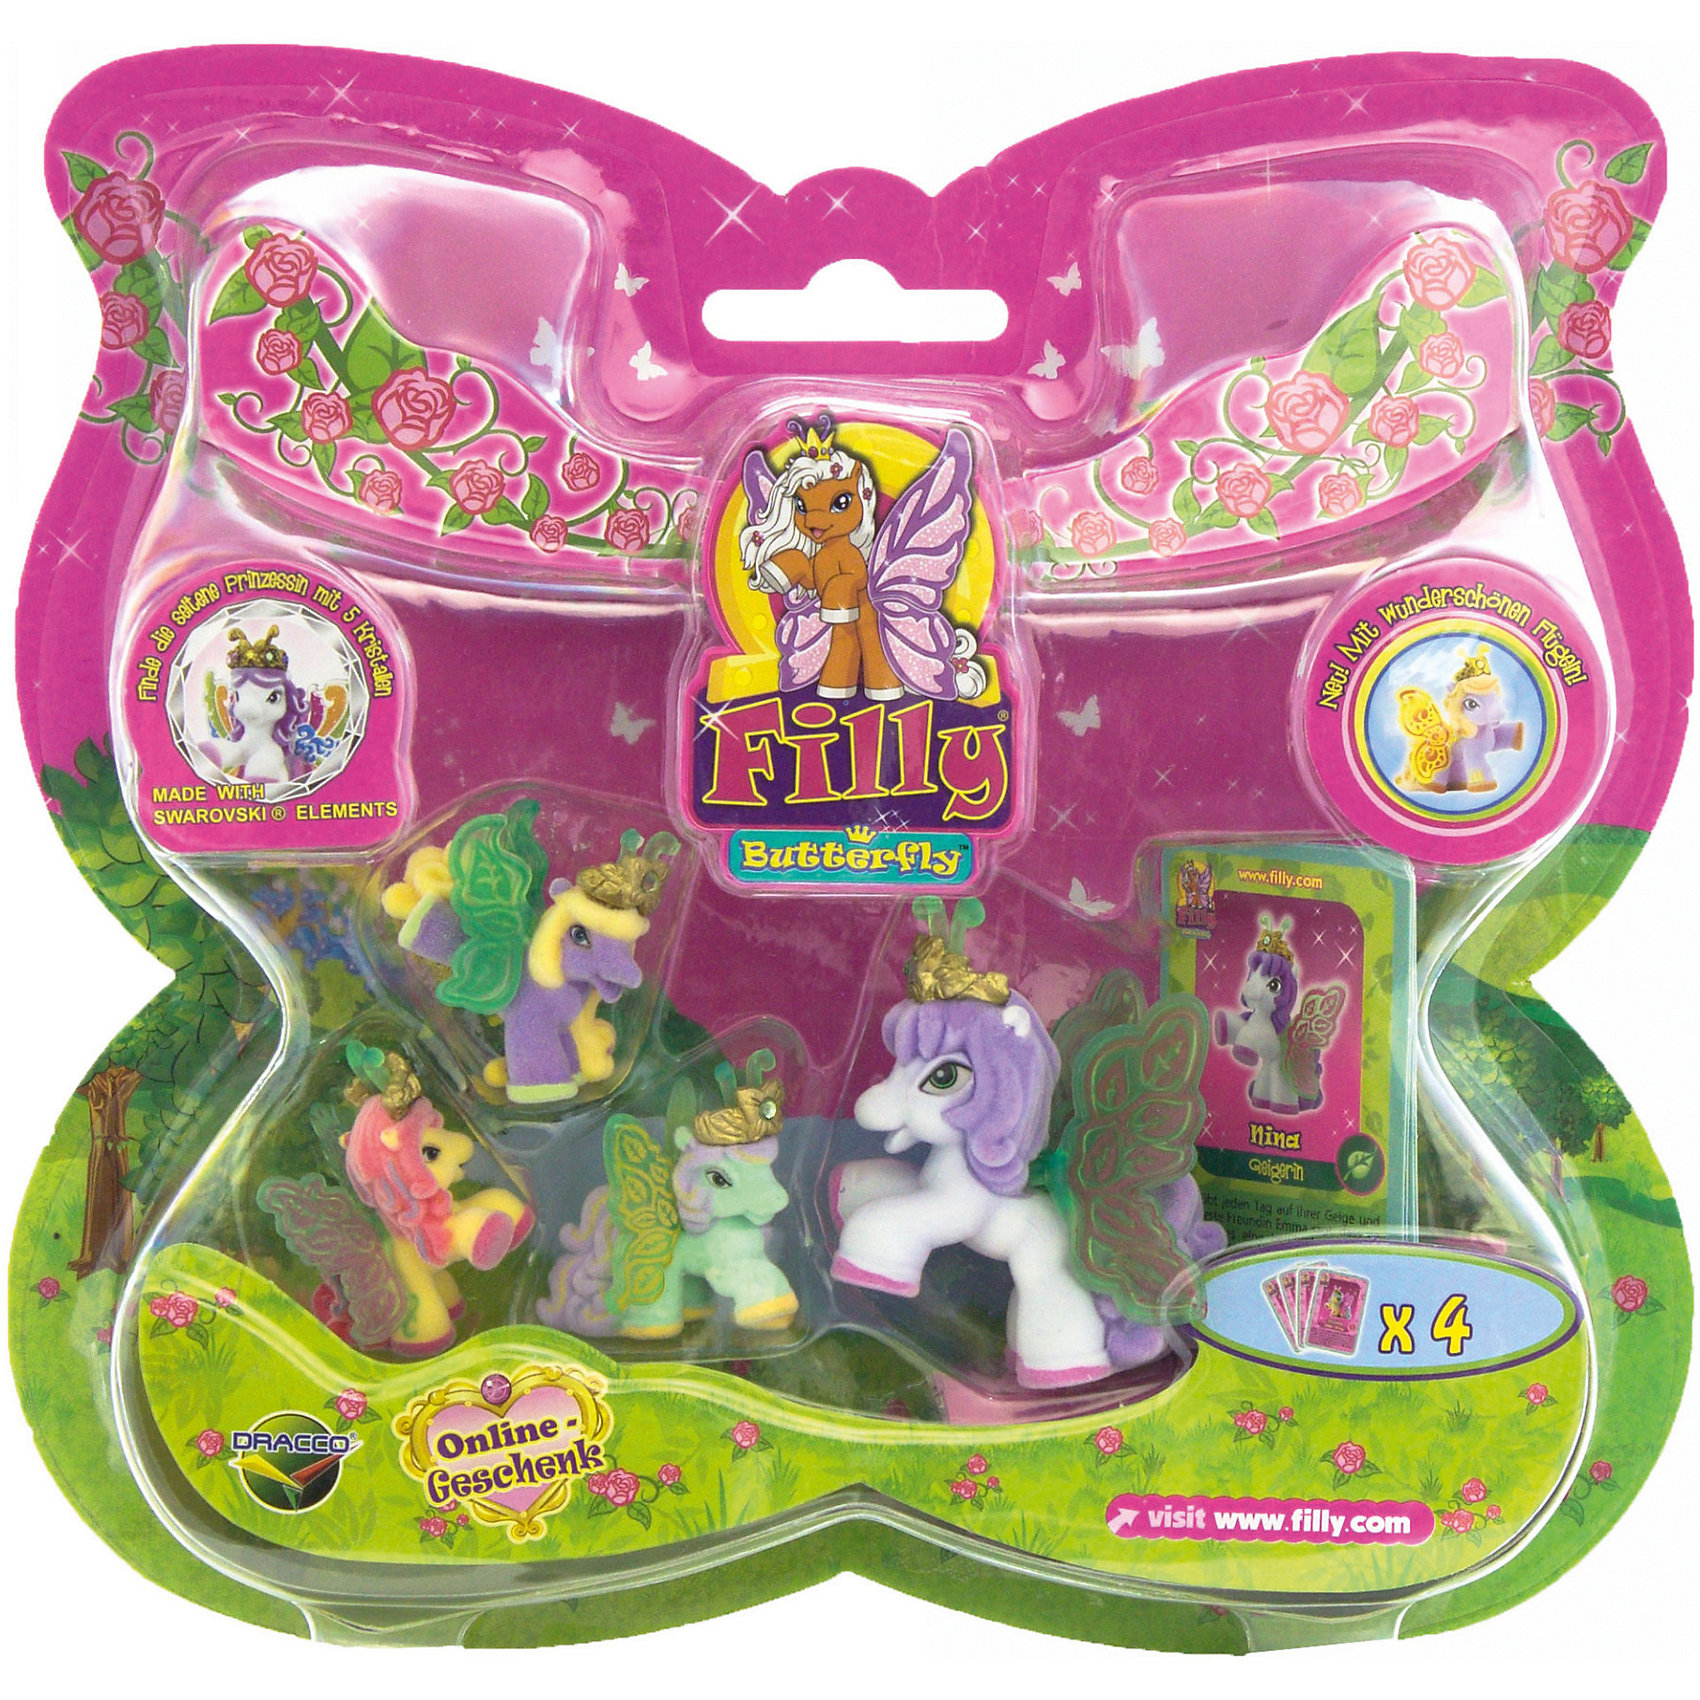 """Игровой набор Волшебная семья Nina, FillyКоллекционные и игровые фигурки<br>Большой игровой набор """"Волшебная семья"""" посвящен новым персонажам из мира лошадок Филли. Девочки придут в восторг от сразу четырех милых лошадок в одном наборе! Голову пони венчает мягкая корона, украшенная кристаллами Swarovski, за спиной у них - невероятные резные крылья с уникальным дизайном и изображением герба своего семейства. Яркие краски нанесены на крылышки тампонной печатью, поэтому, устойчивы к различному внешнему воздействию. Собери всех прекрасных лошадок и придумывай свои волшебные истории!<br><br>Дополнительная информация:<br><br>- Материал: пластик, флок.<br>- Размер лошадок: большая - 6 см (1 шт), маленькая: 3,5 см (3 шт).<br>- Комплектация: 4 лошадки, 4 карточки.<br><br>Игровой набор Волшебная семья Nina, Filly (Филли) можно купить в нашем магазине.<br><br>Ширина мм: 35<br>Глубина мм: 215<br>Высота мм: 205<br>Вес г: 127<br>Возраст от месяцев: 36<br>Возраст до месяцев: 84<br>Пол: Женский<br>Возраст: Детский<br>SKU: 4043635"""